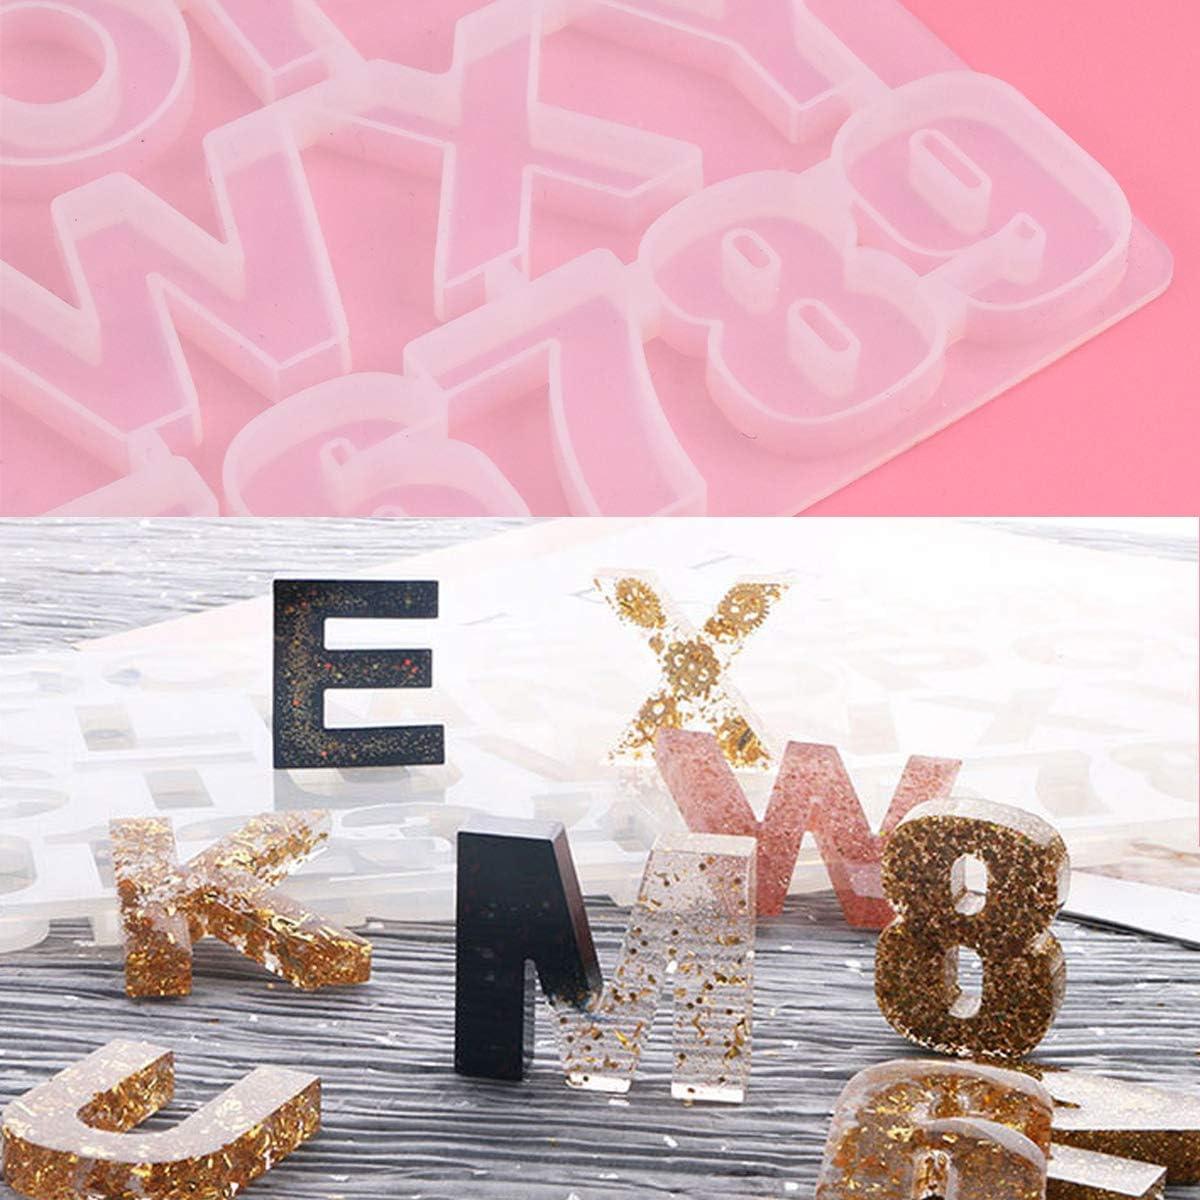 Dokpav 93PCS Alfabeto N/úmeros Molde Silicona Resina para Hacer Joyerias Moldes de Resina para Collar Pendiente Fabricaci/ón de Colgante Diamante Pulsera Creativo Bricolaje